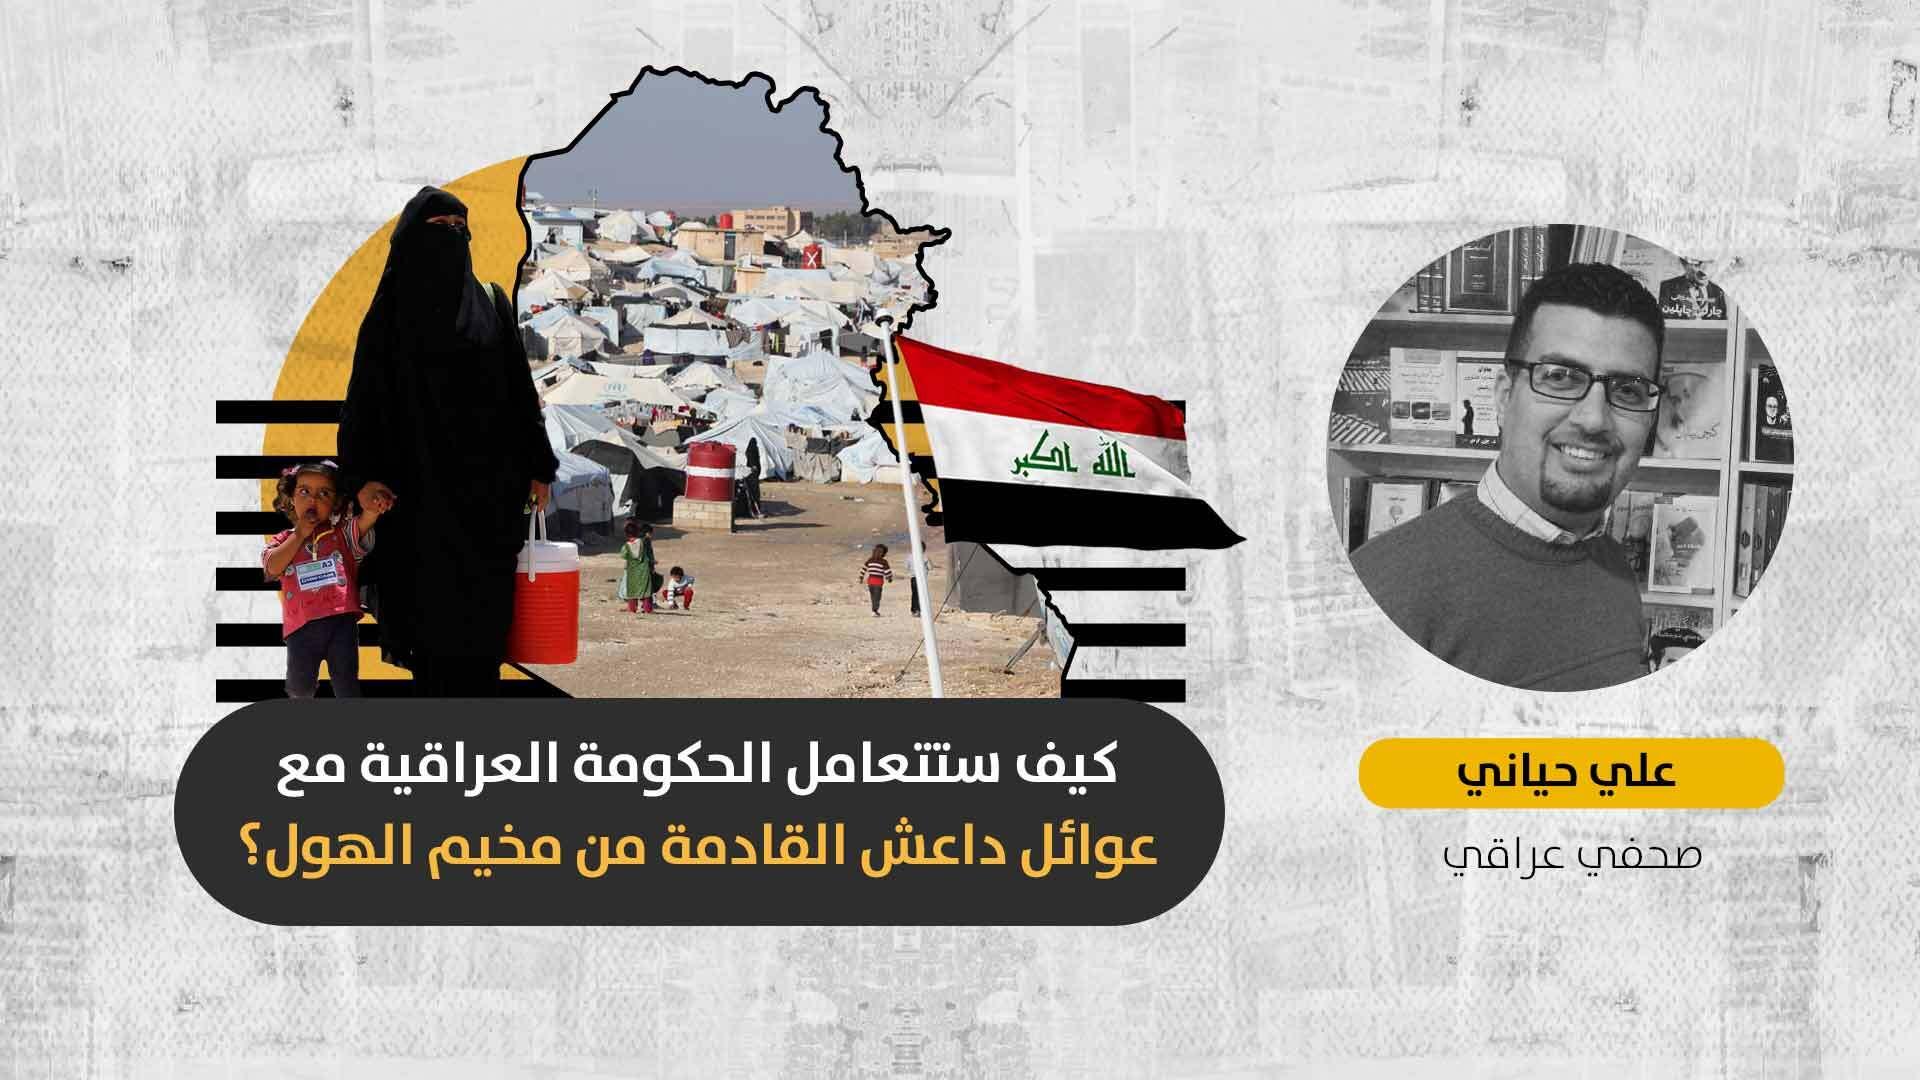 من مخيم الهول إلى نينوى: هل ستؤدي إعادة عوائل داعش إلى اضطرابات أمنية في العراق؟